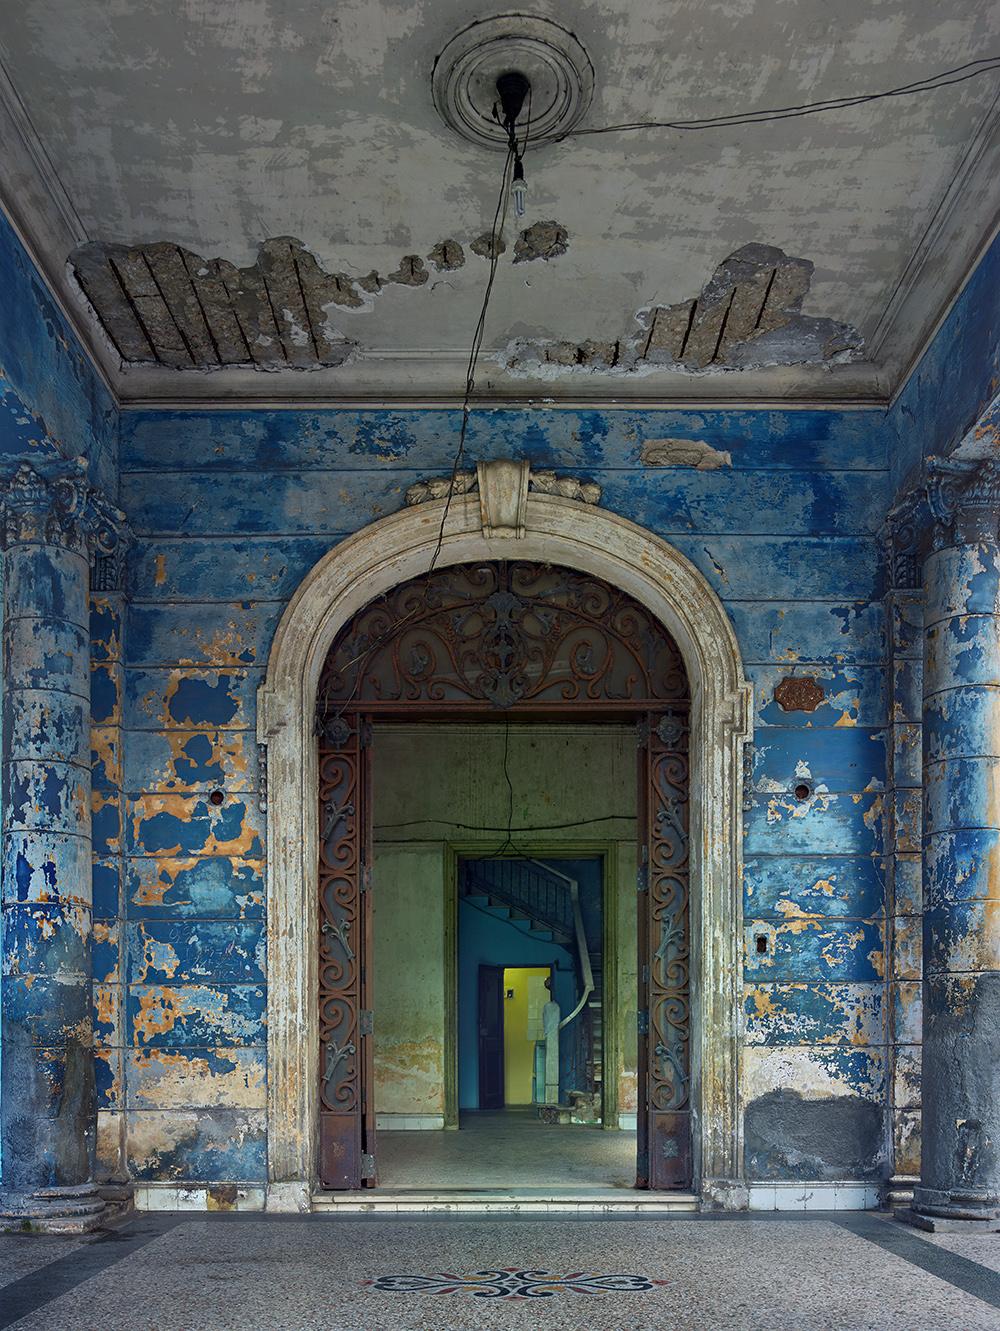 MICHAEL EASTMAN,  Blue Archway (Ruins), Havana , 2014